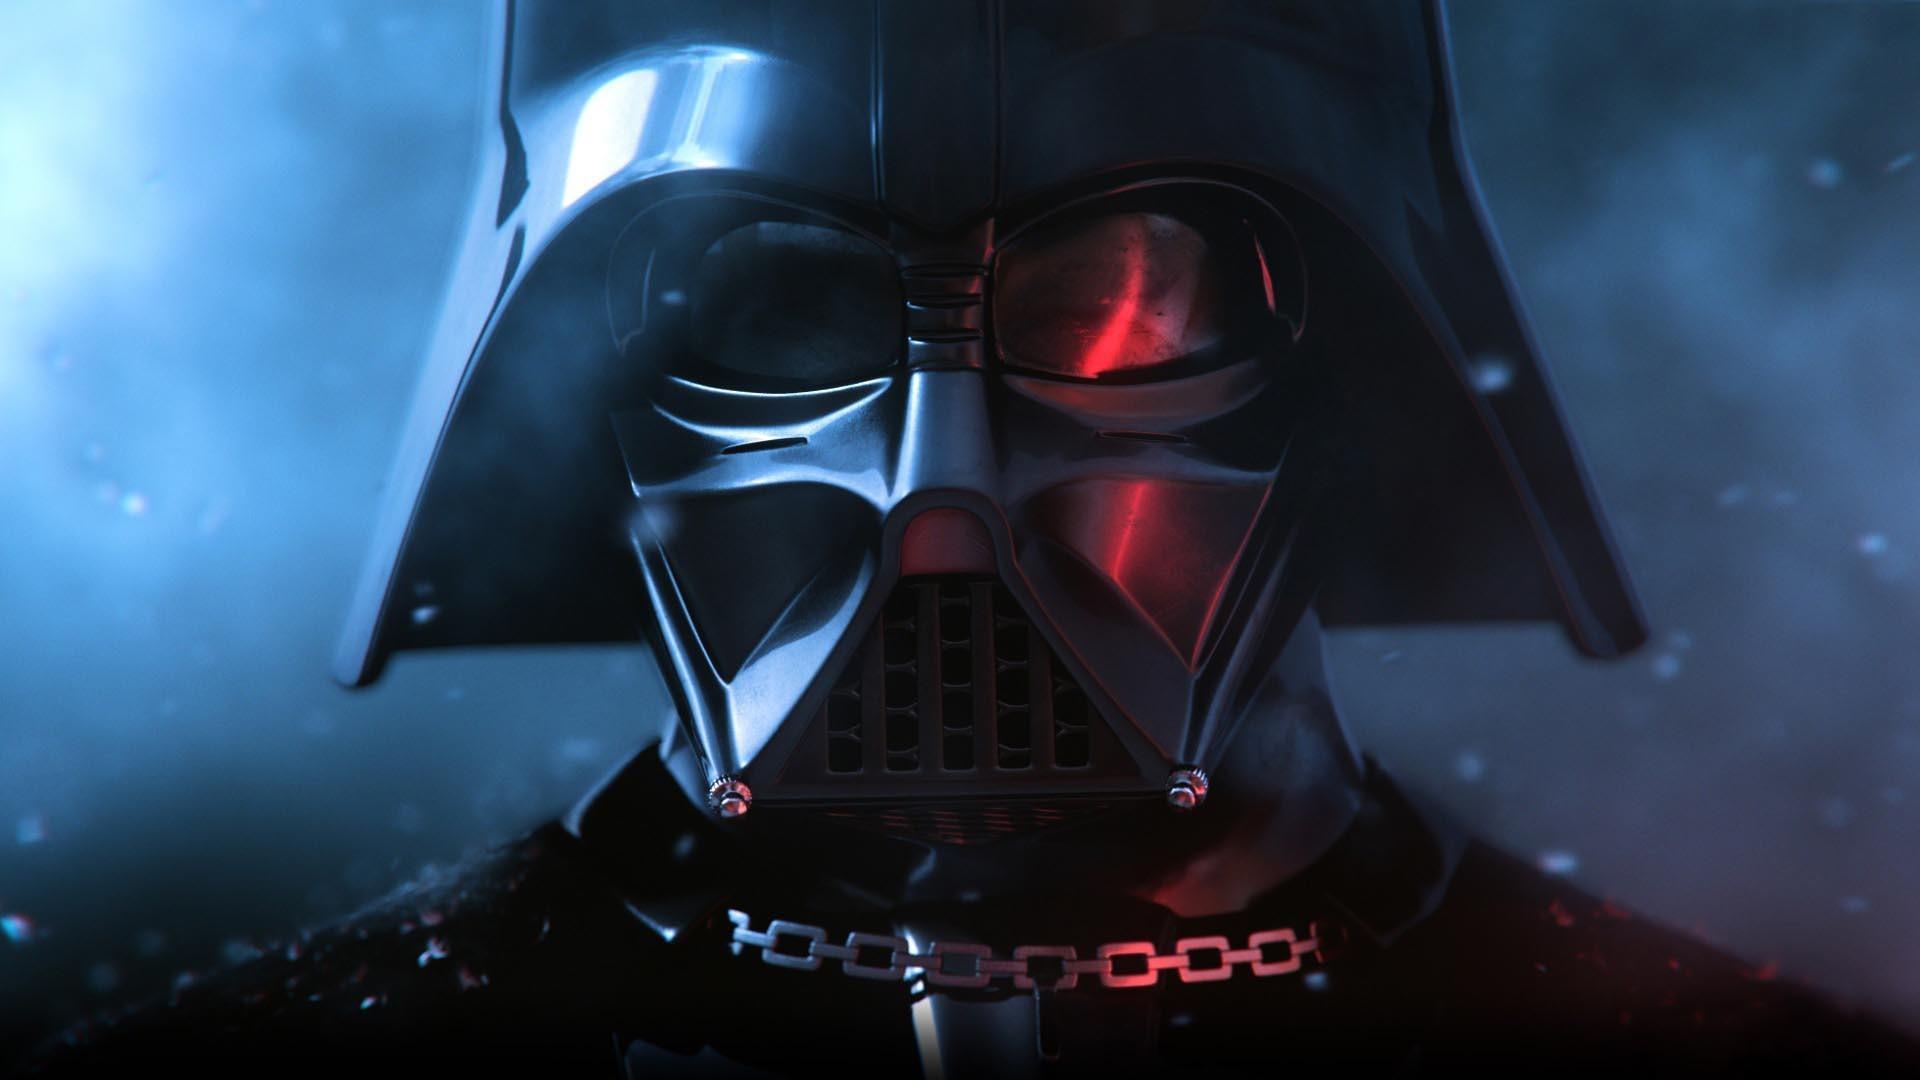 1920x1080 Star Wars - Darth Vader HD Wallpaper » FullHDWpp - Full HD .